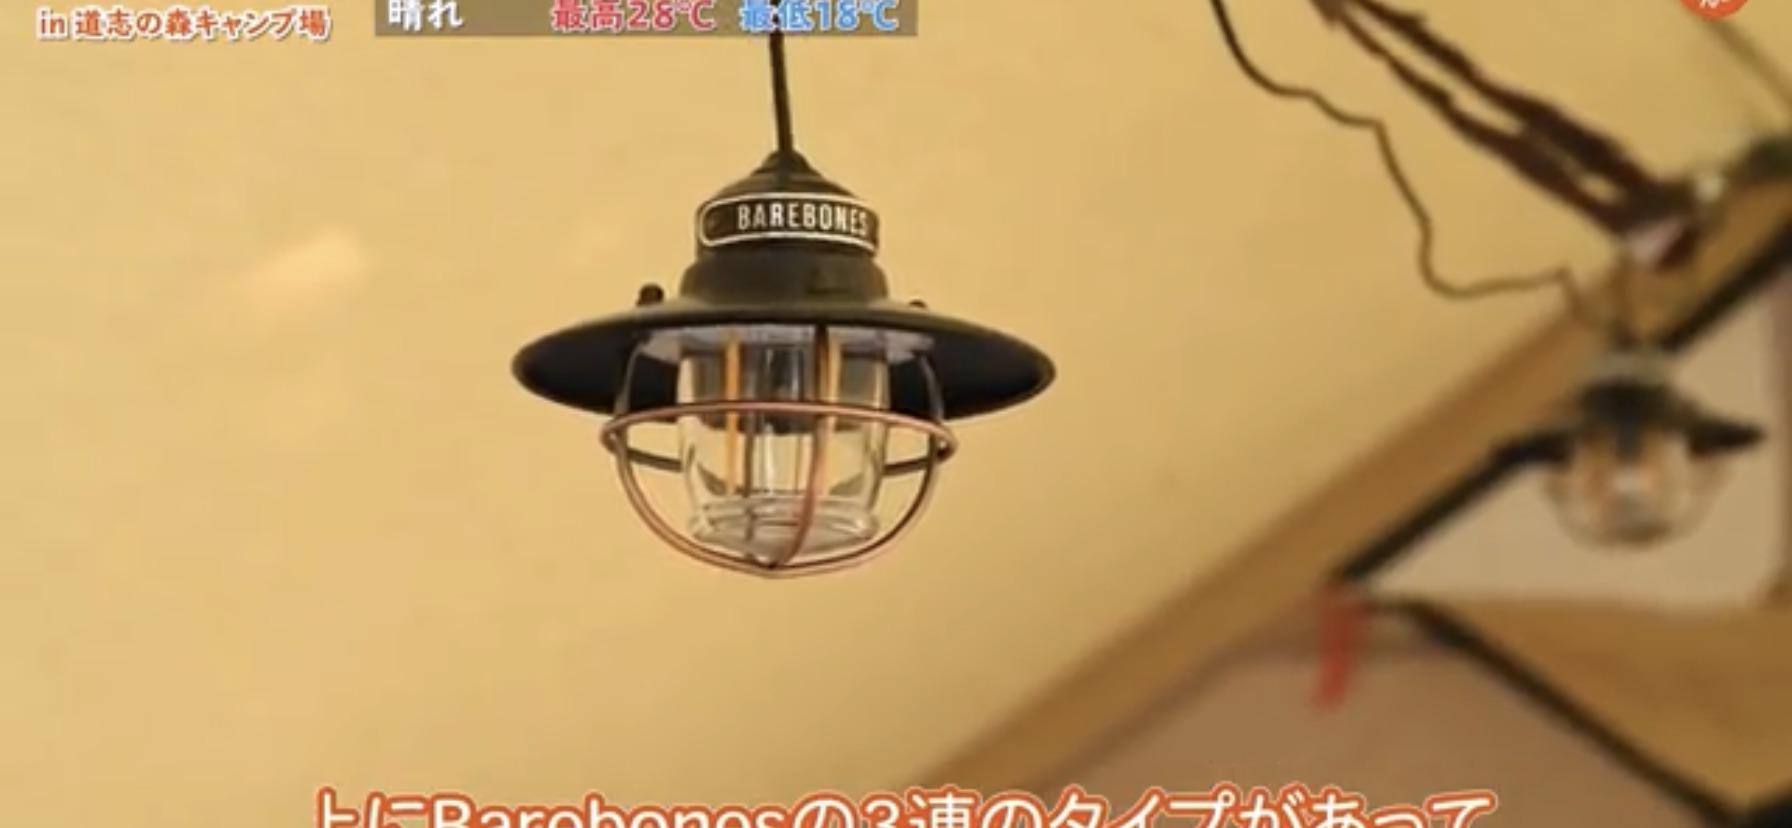 ランタン:【ベアボーンズ(Barebones) 】エジソンストリングライト LED